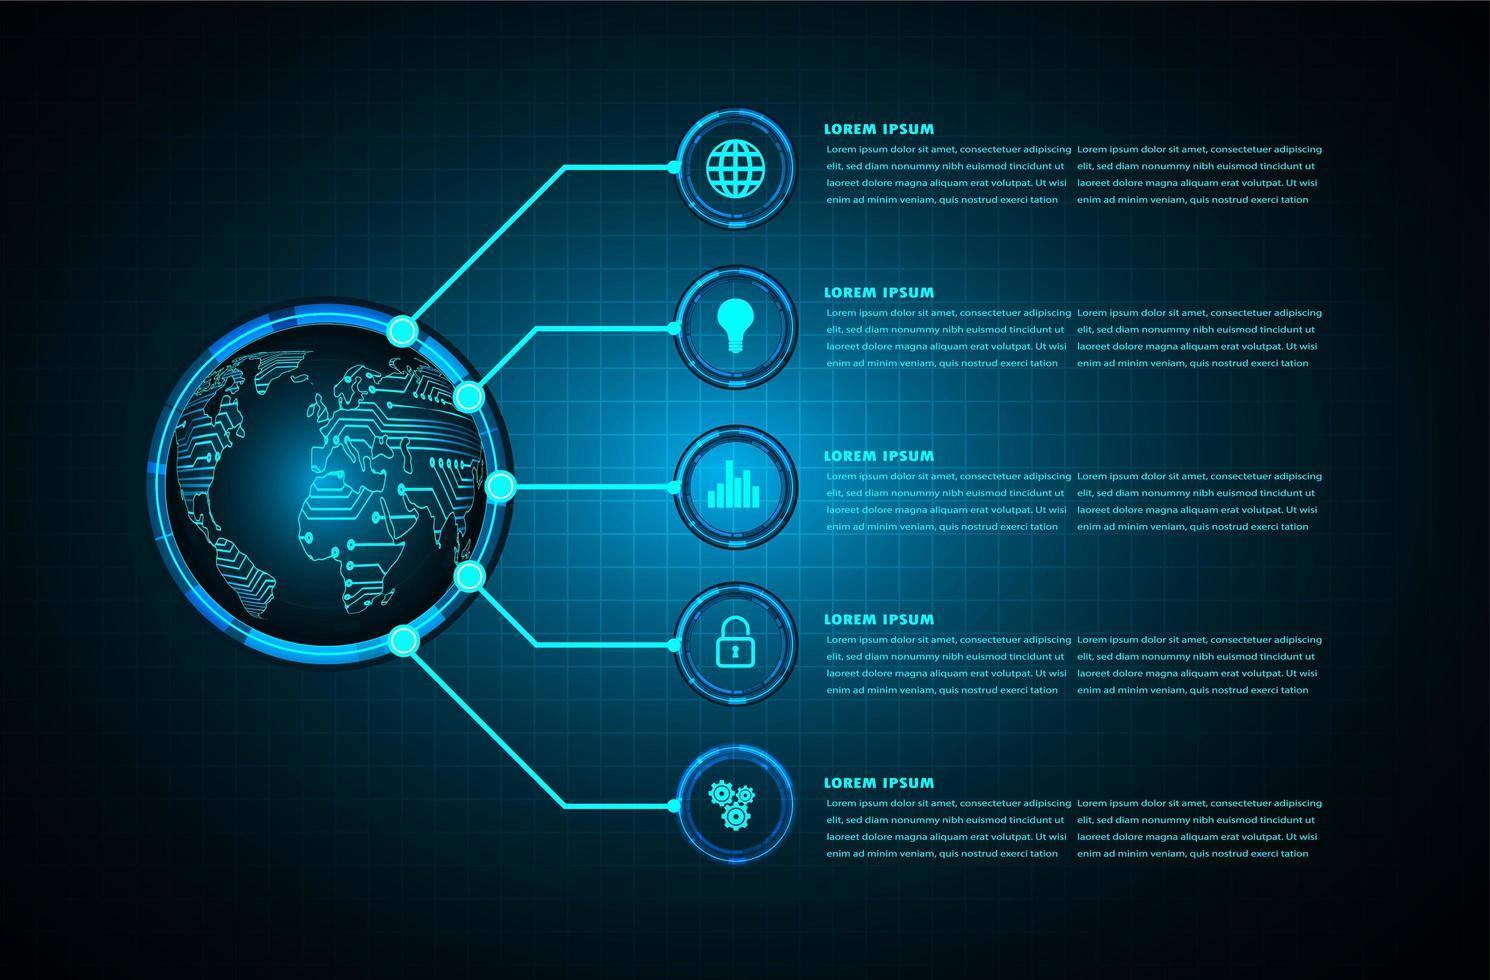 världens binära kretskort framtida teknik vektor